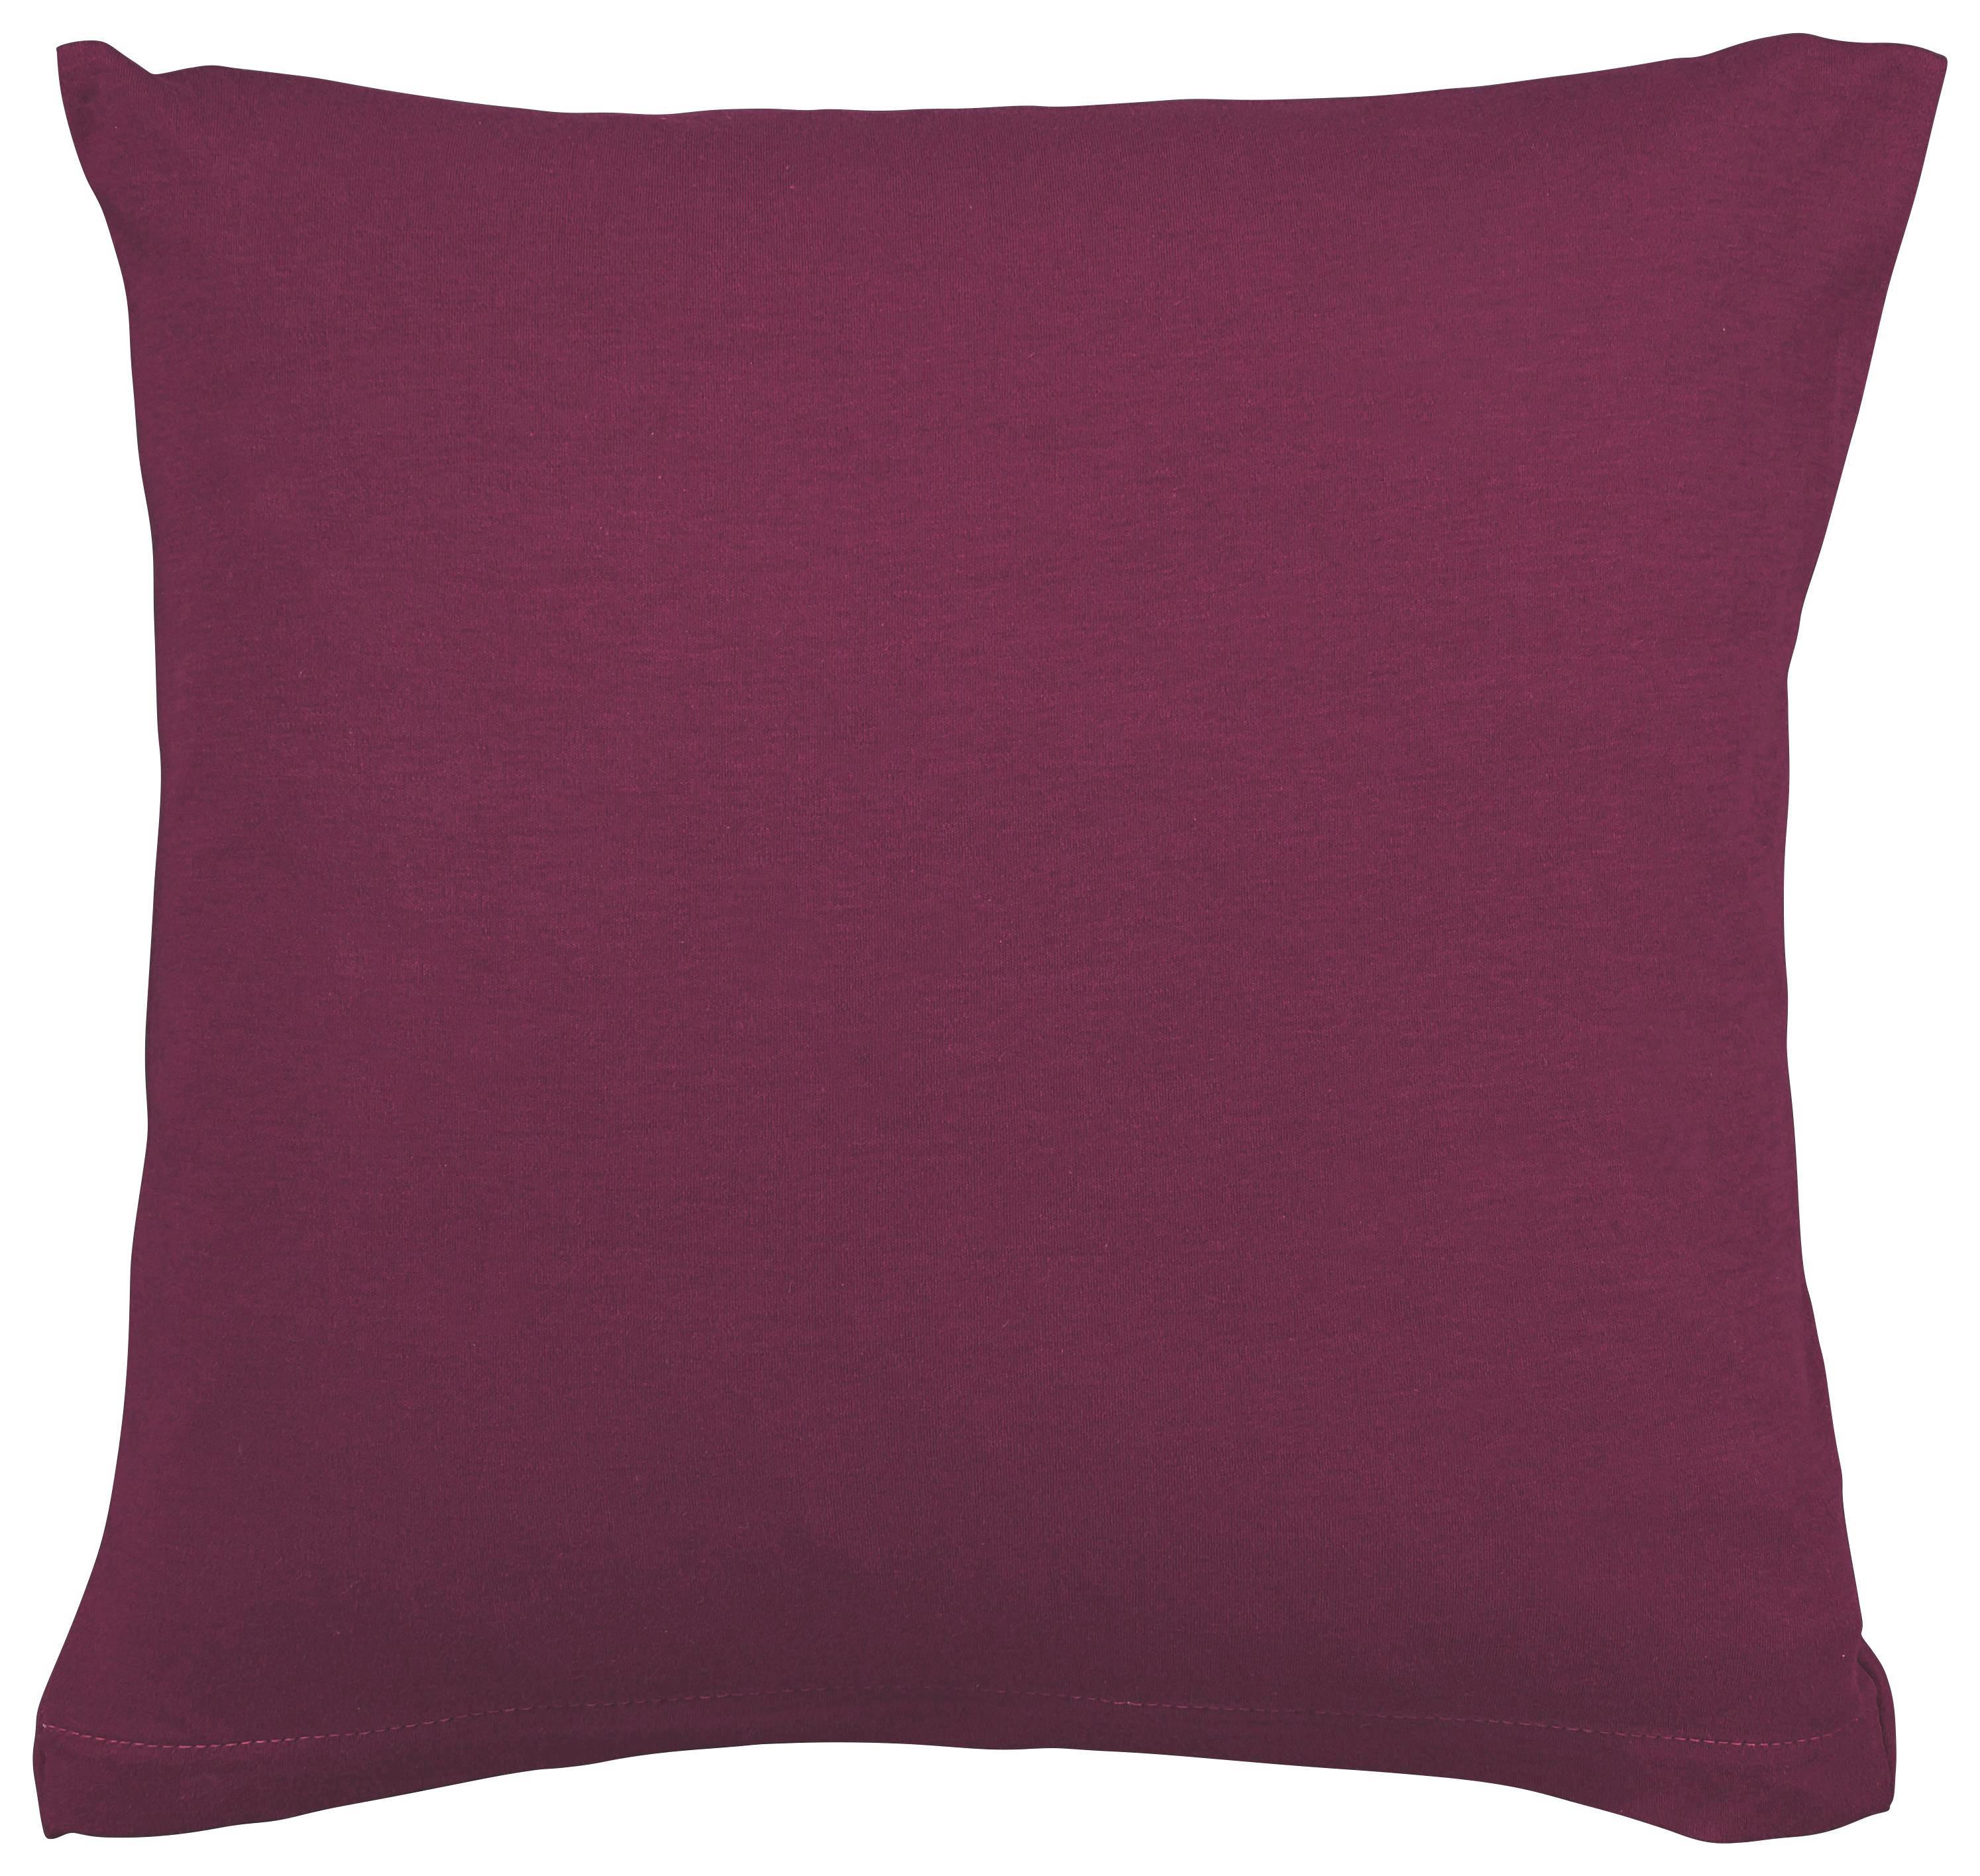 KISSENHÜLLE Beere 40/40 cm - Beere, Textil (40/40cm) - SCHLAFGUT